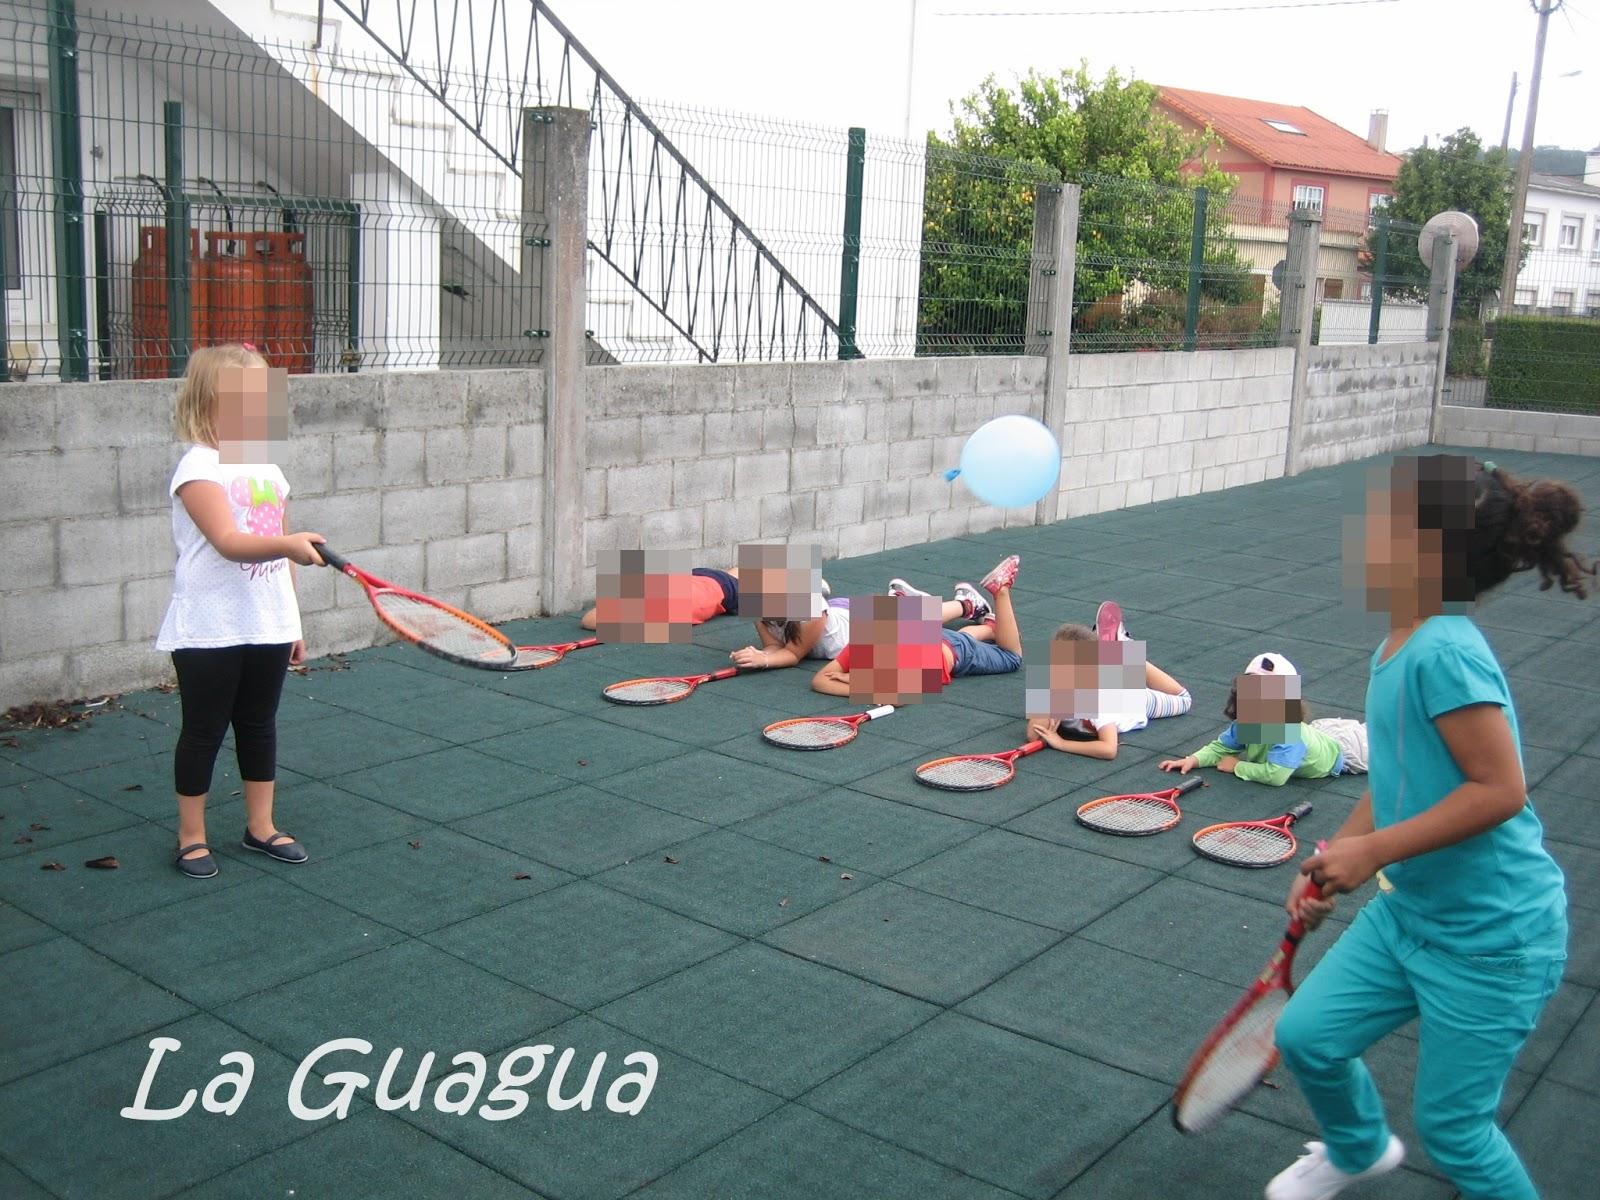 La Guagua Espacio Infantil De Juego Campamento De Mugardos